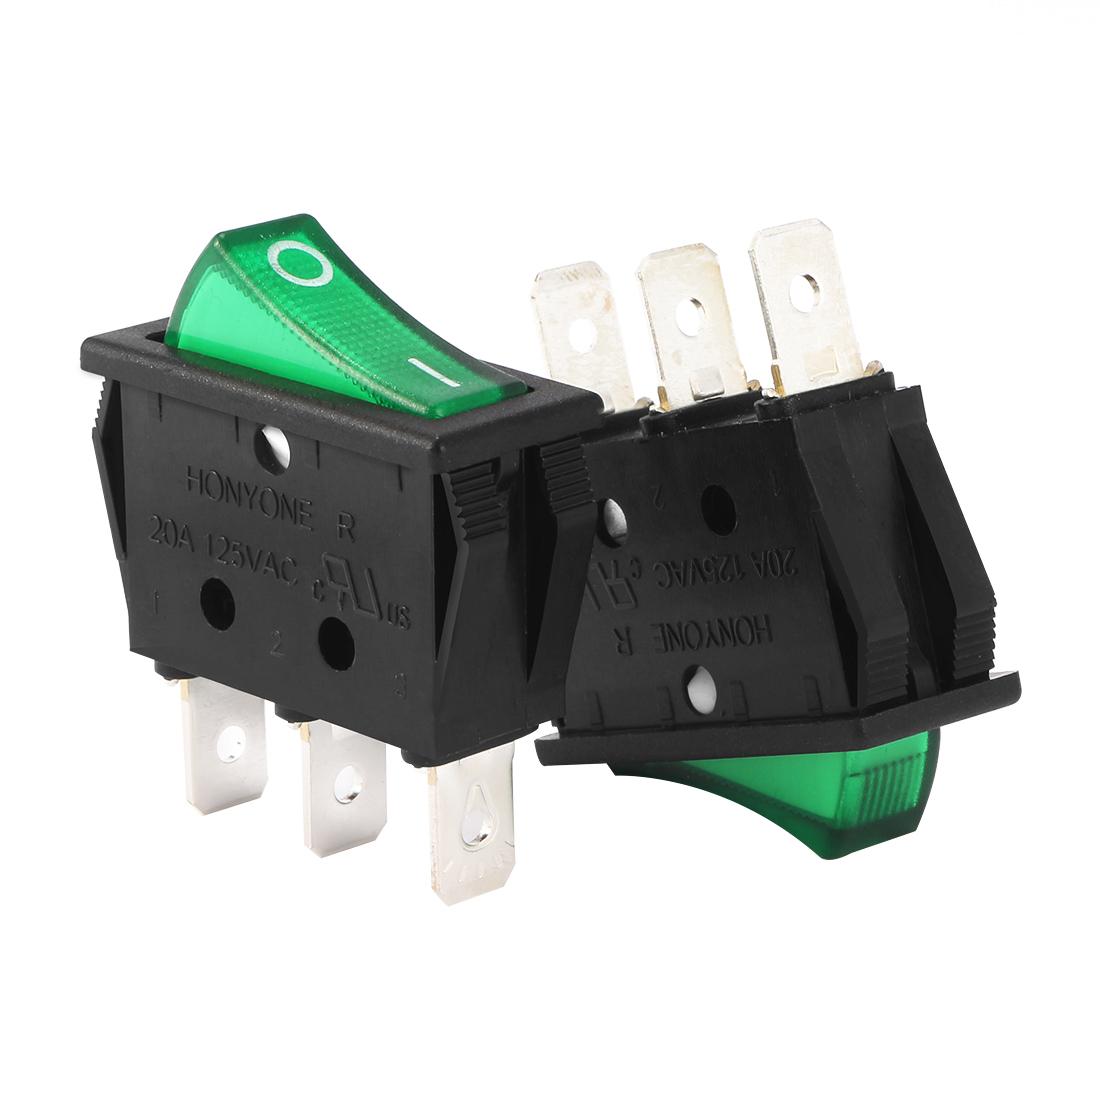 AC 20A/125V 22A/250V SPST 3P 2 Position Green LED Boat Rocker Switch